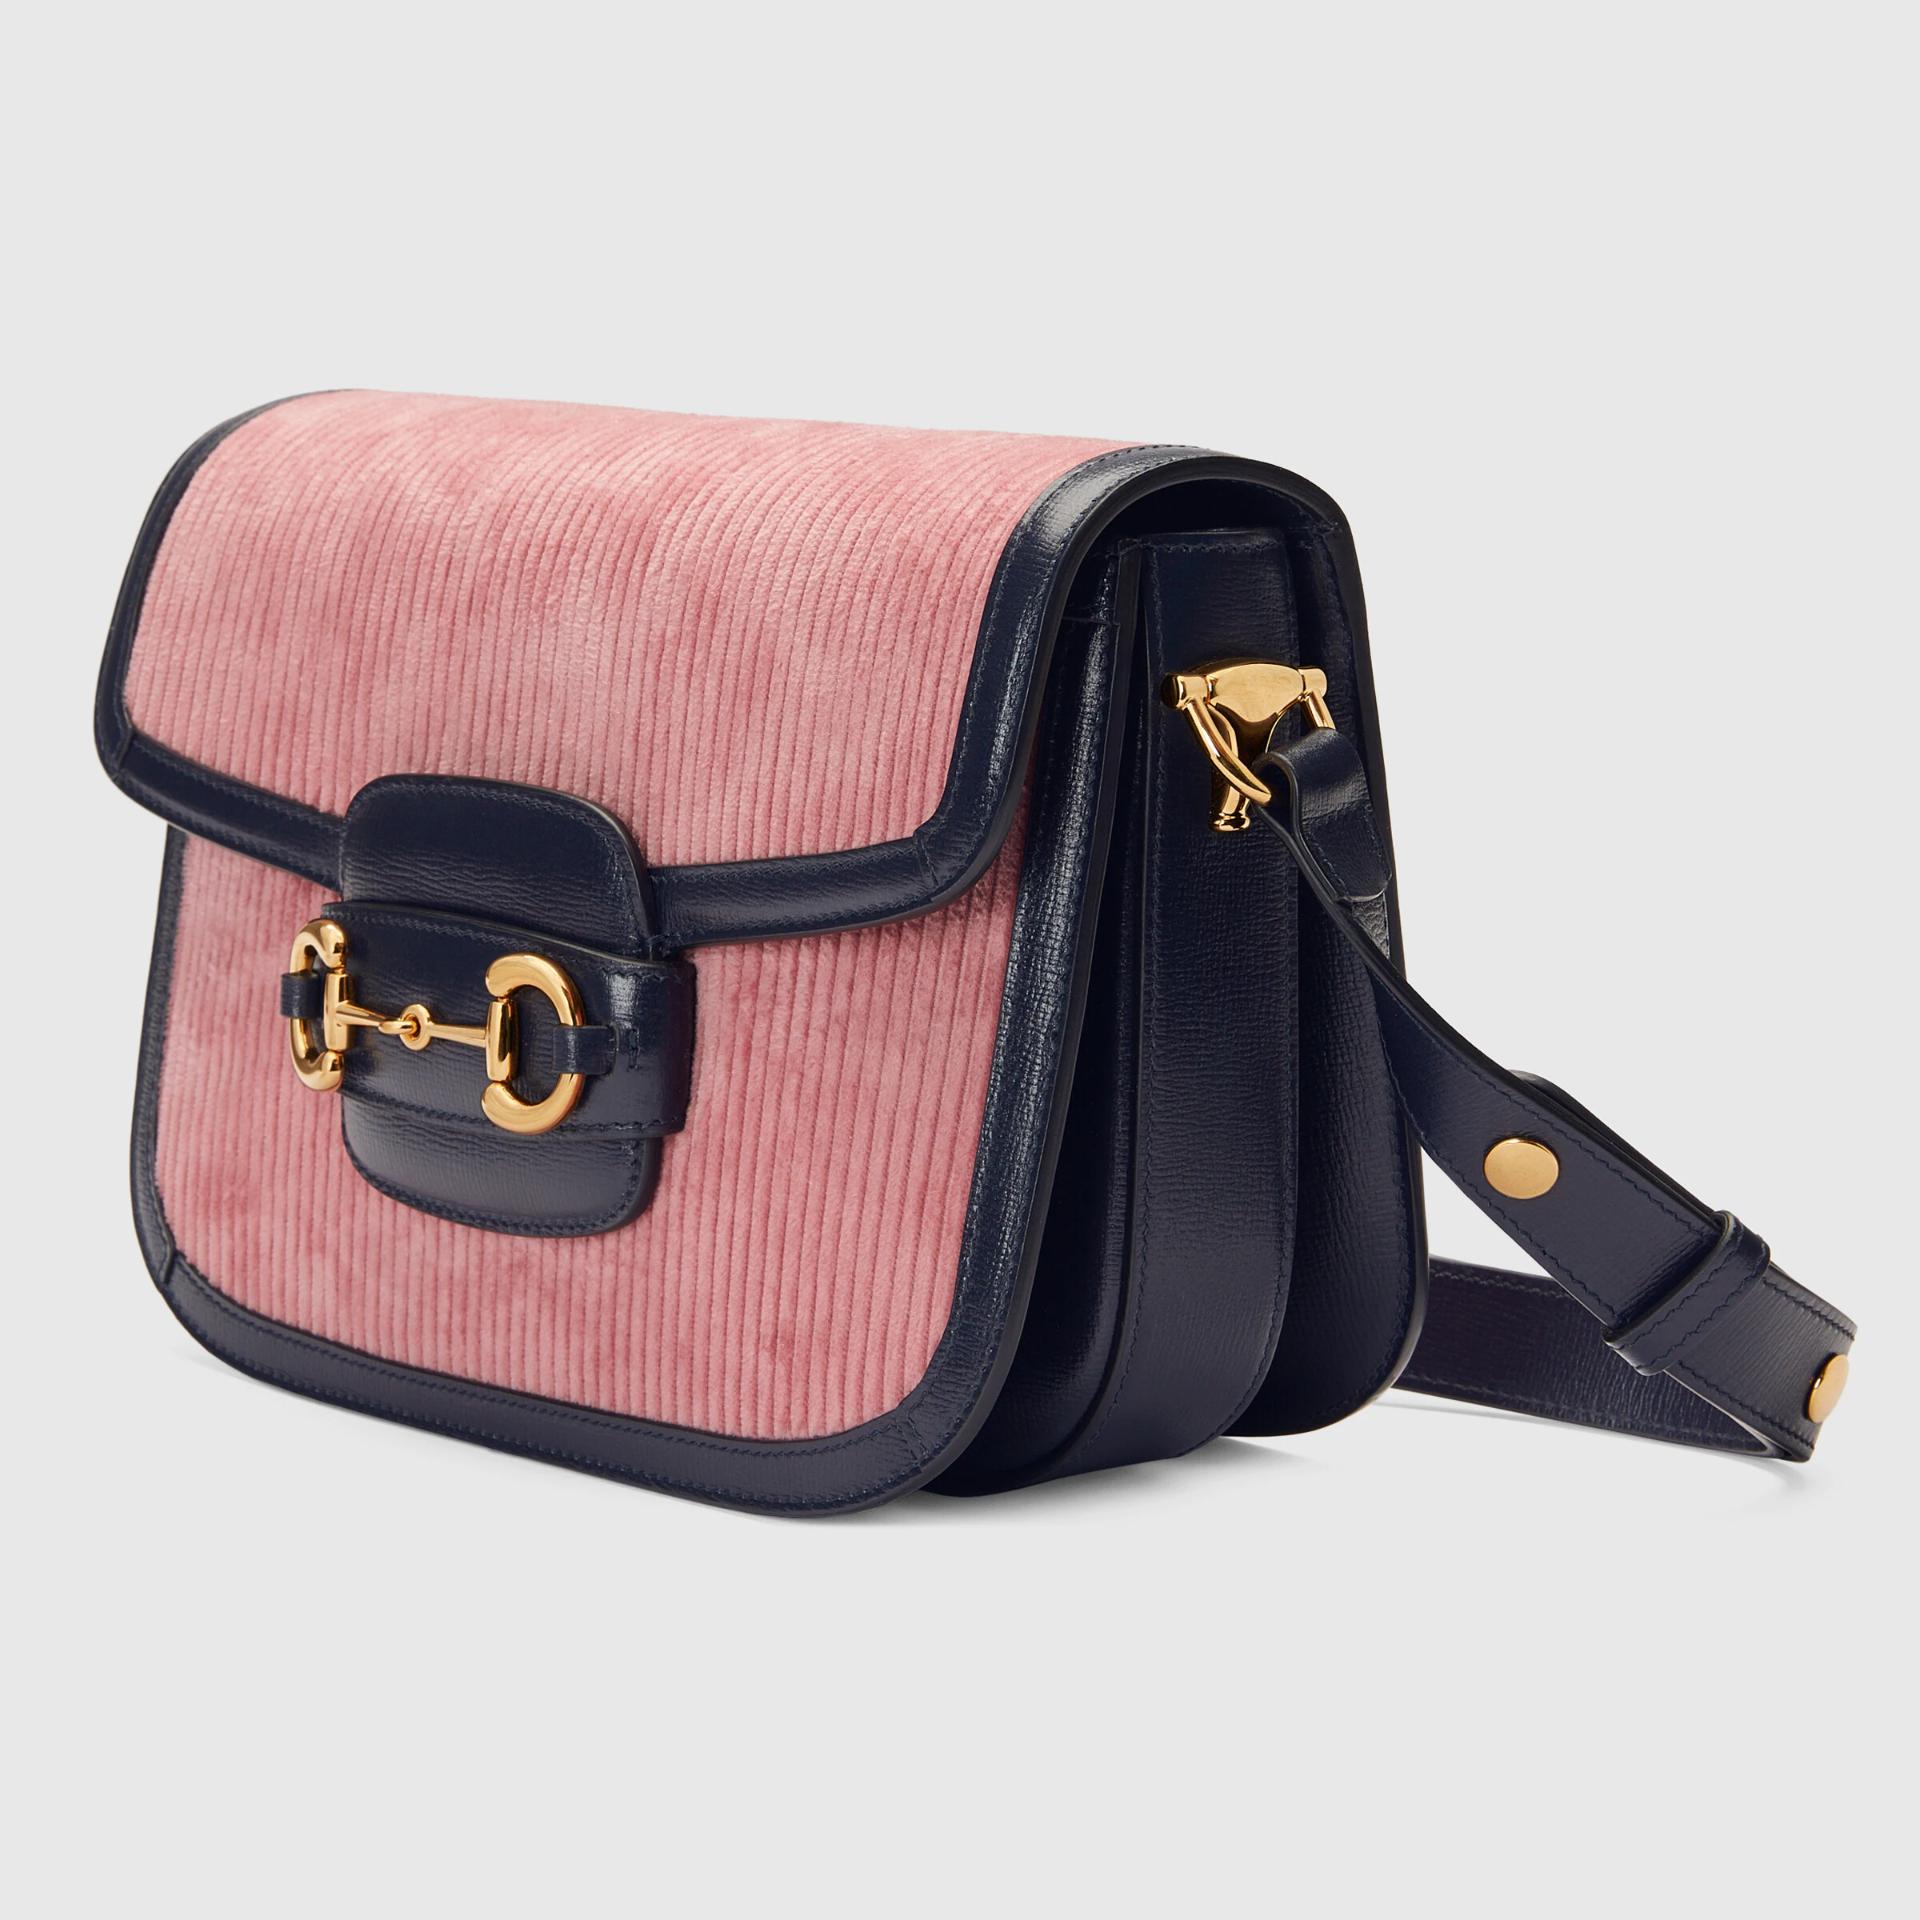 유럽직배송 구찌 GUCCI Gucci - Gucci Horsebit 1955 small bag 6022042S8AG6781